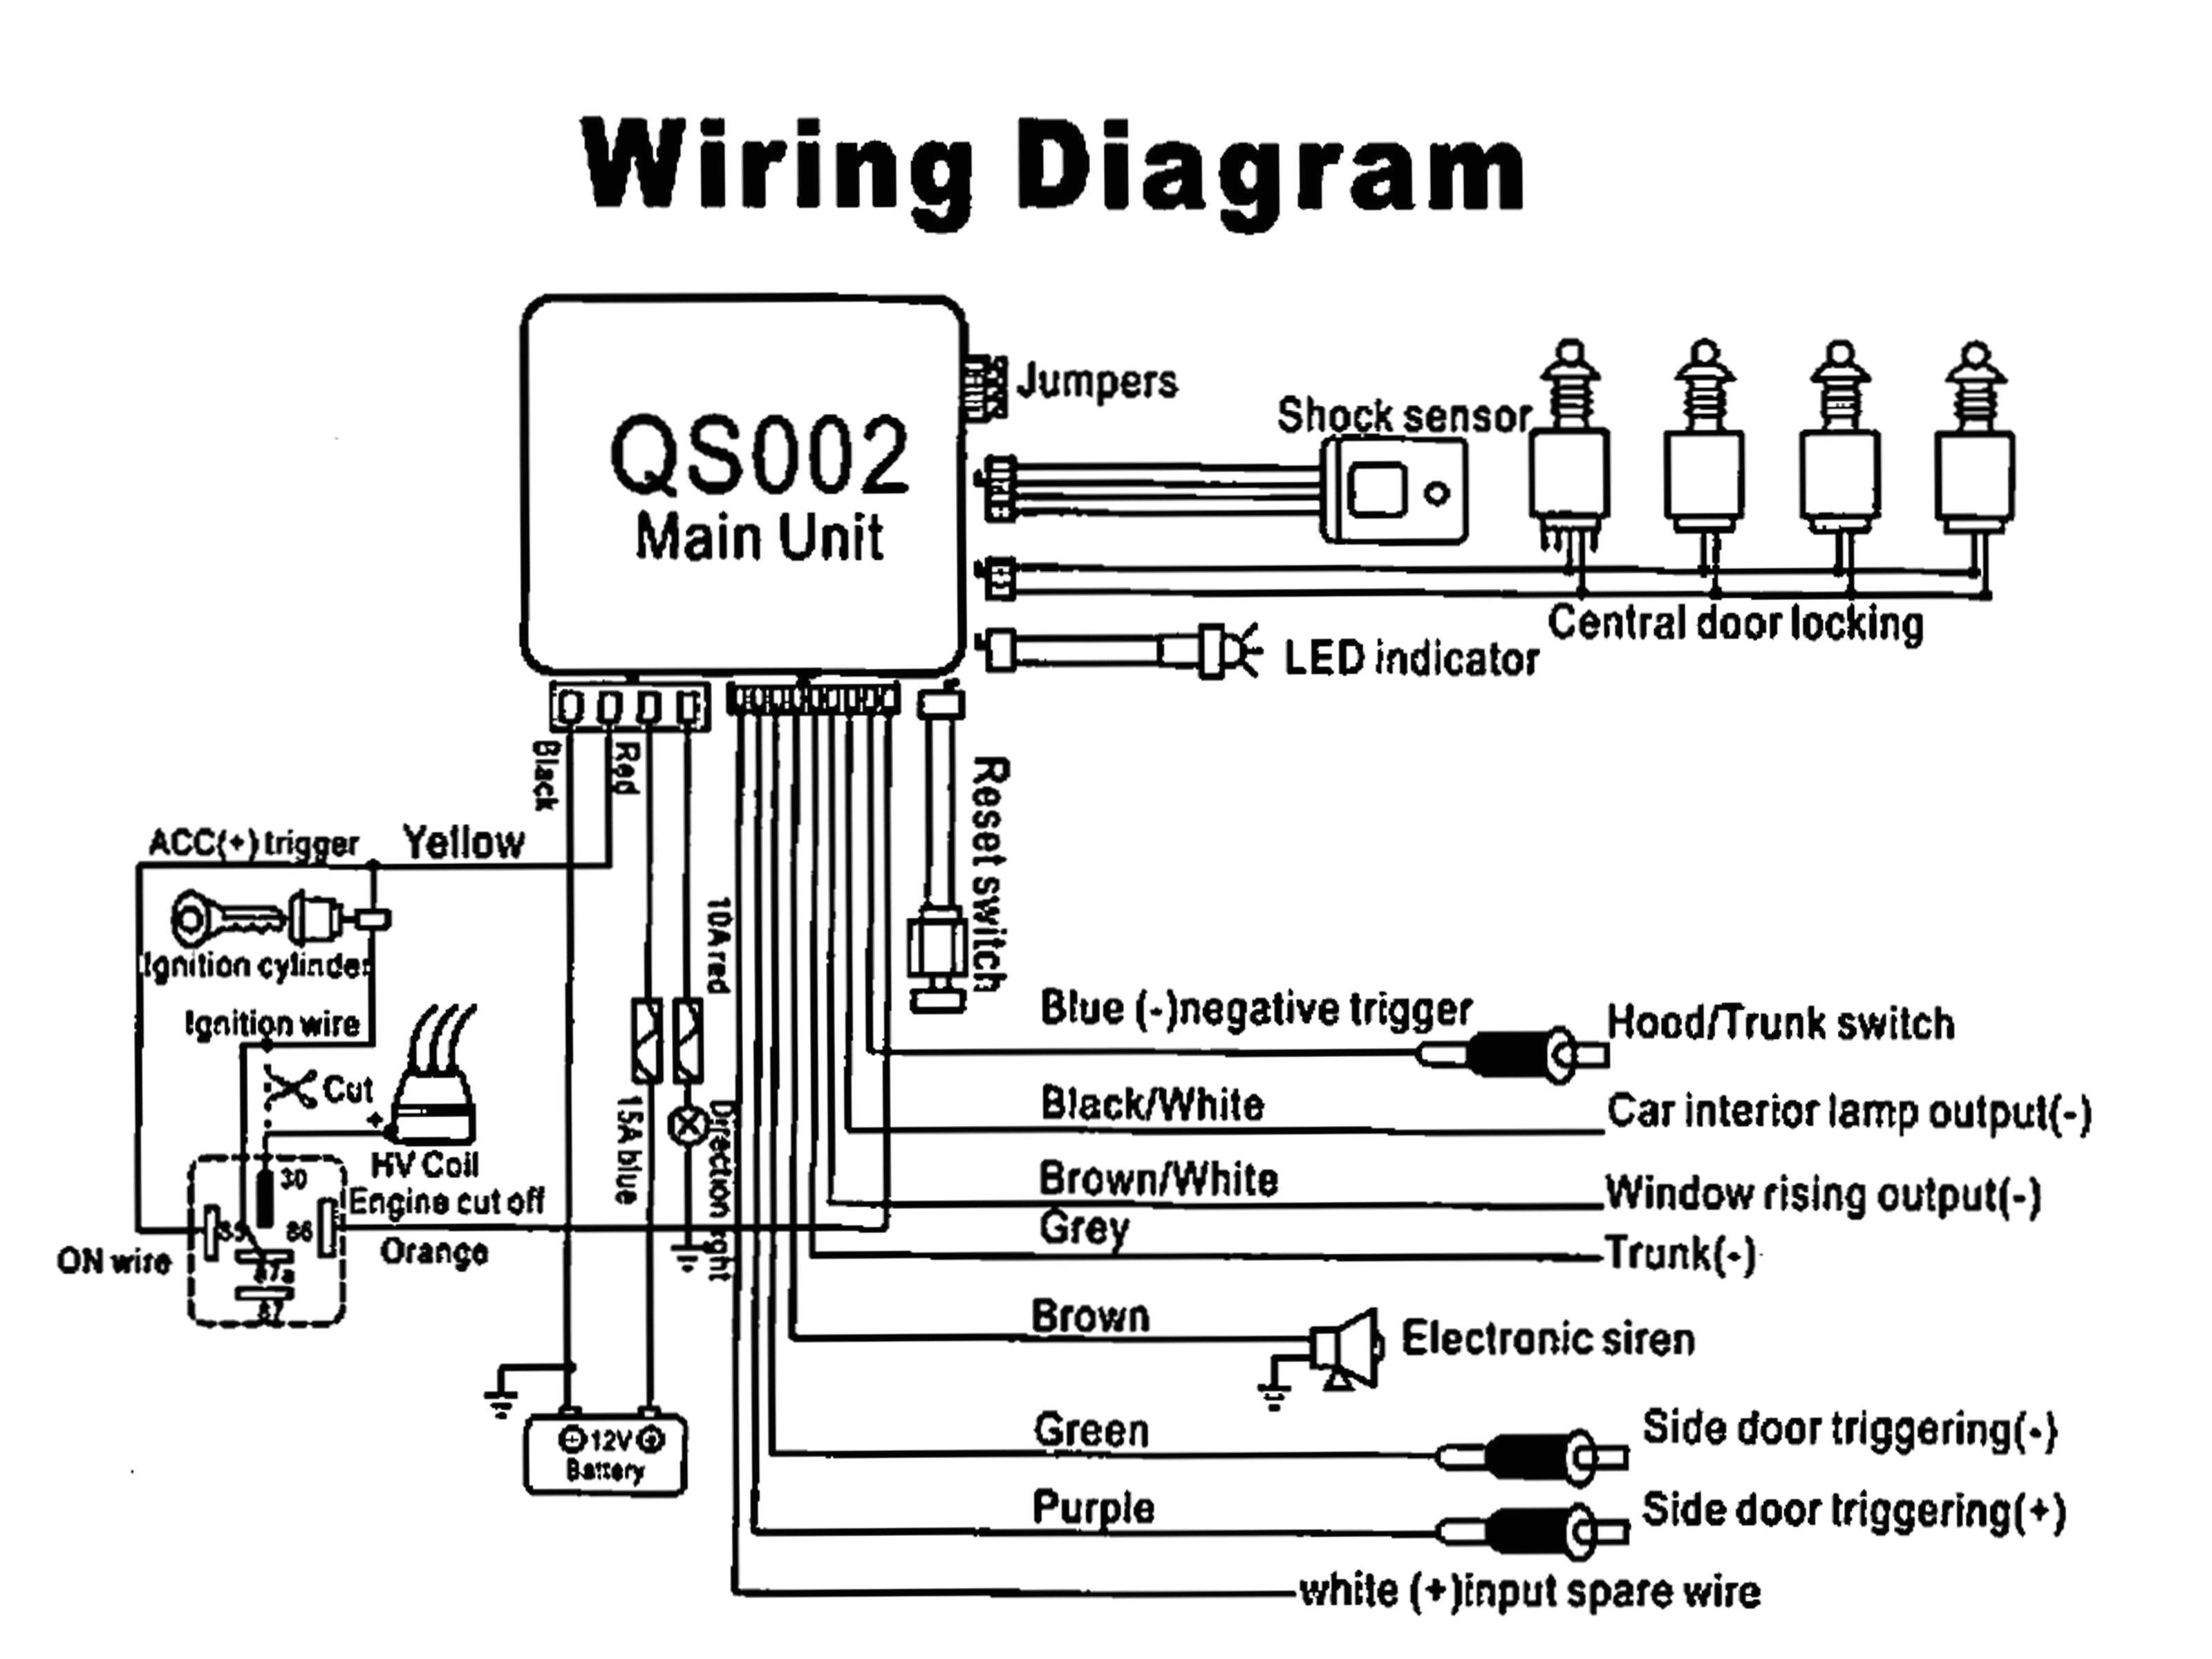 honda wiring diagram security wiring diagrams konsult honda security diagram